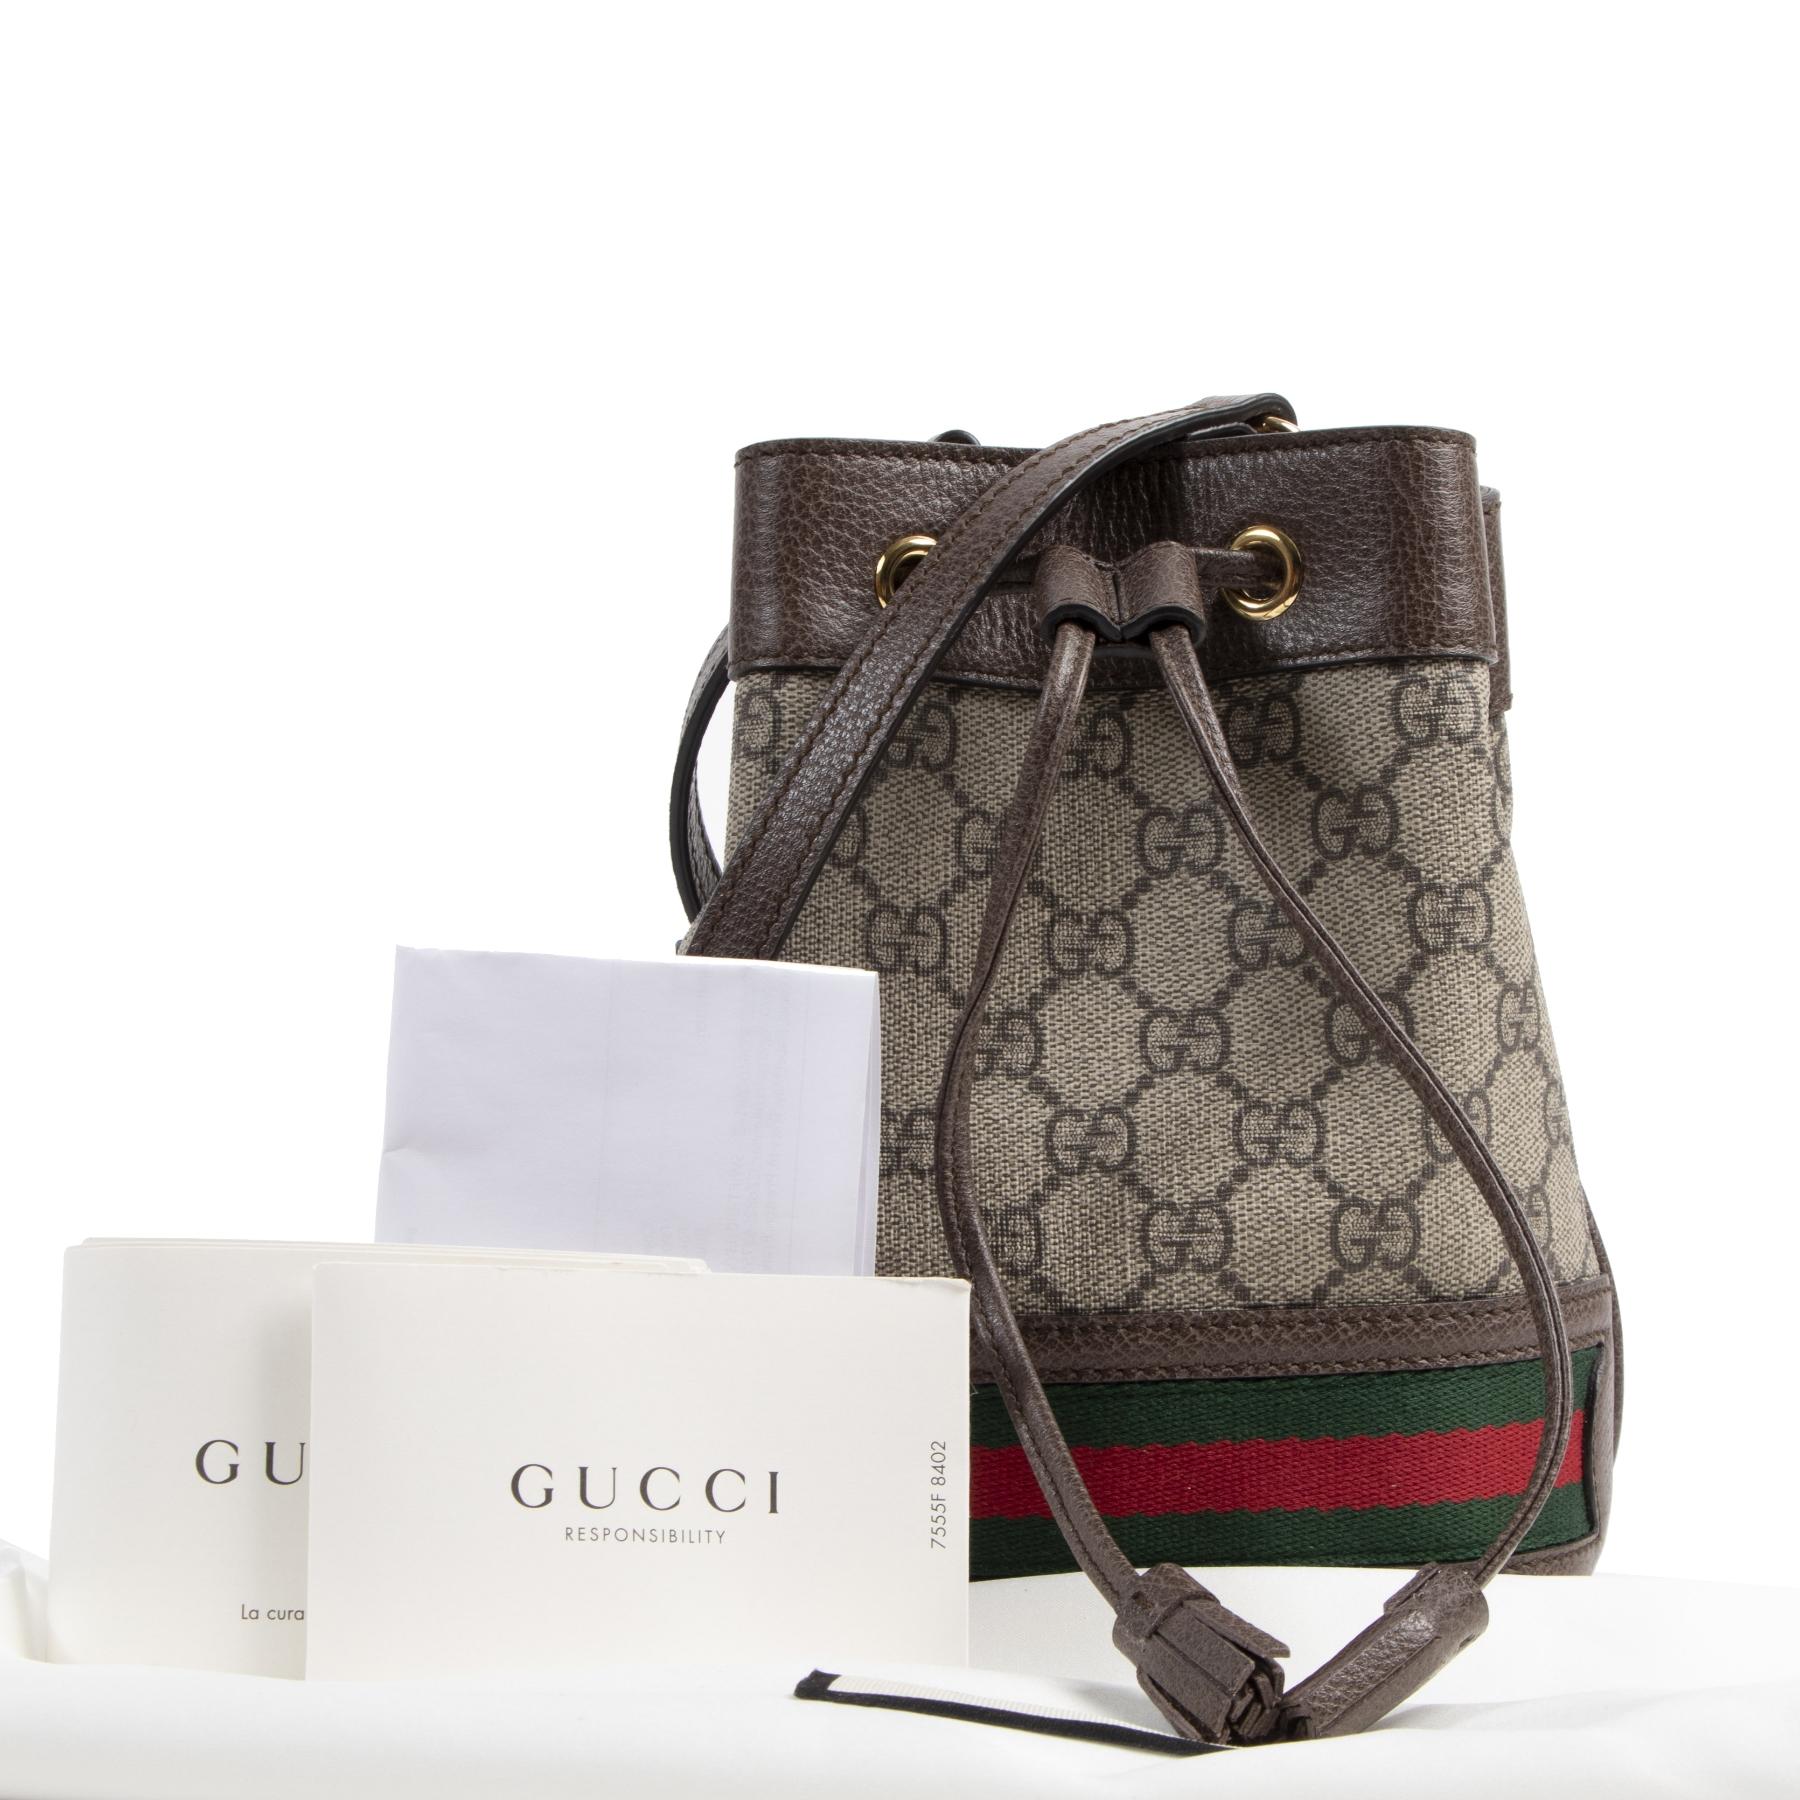 Authentieke Tweedehands Gucci Mini GG Ophidia Bucket Bag juiste prijs veilig online shoppen luxe merken webshop winkelen Antwerpen België mode fashion